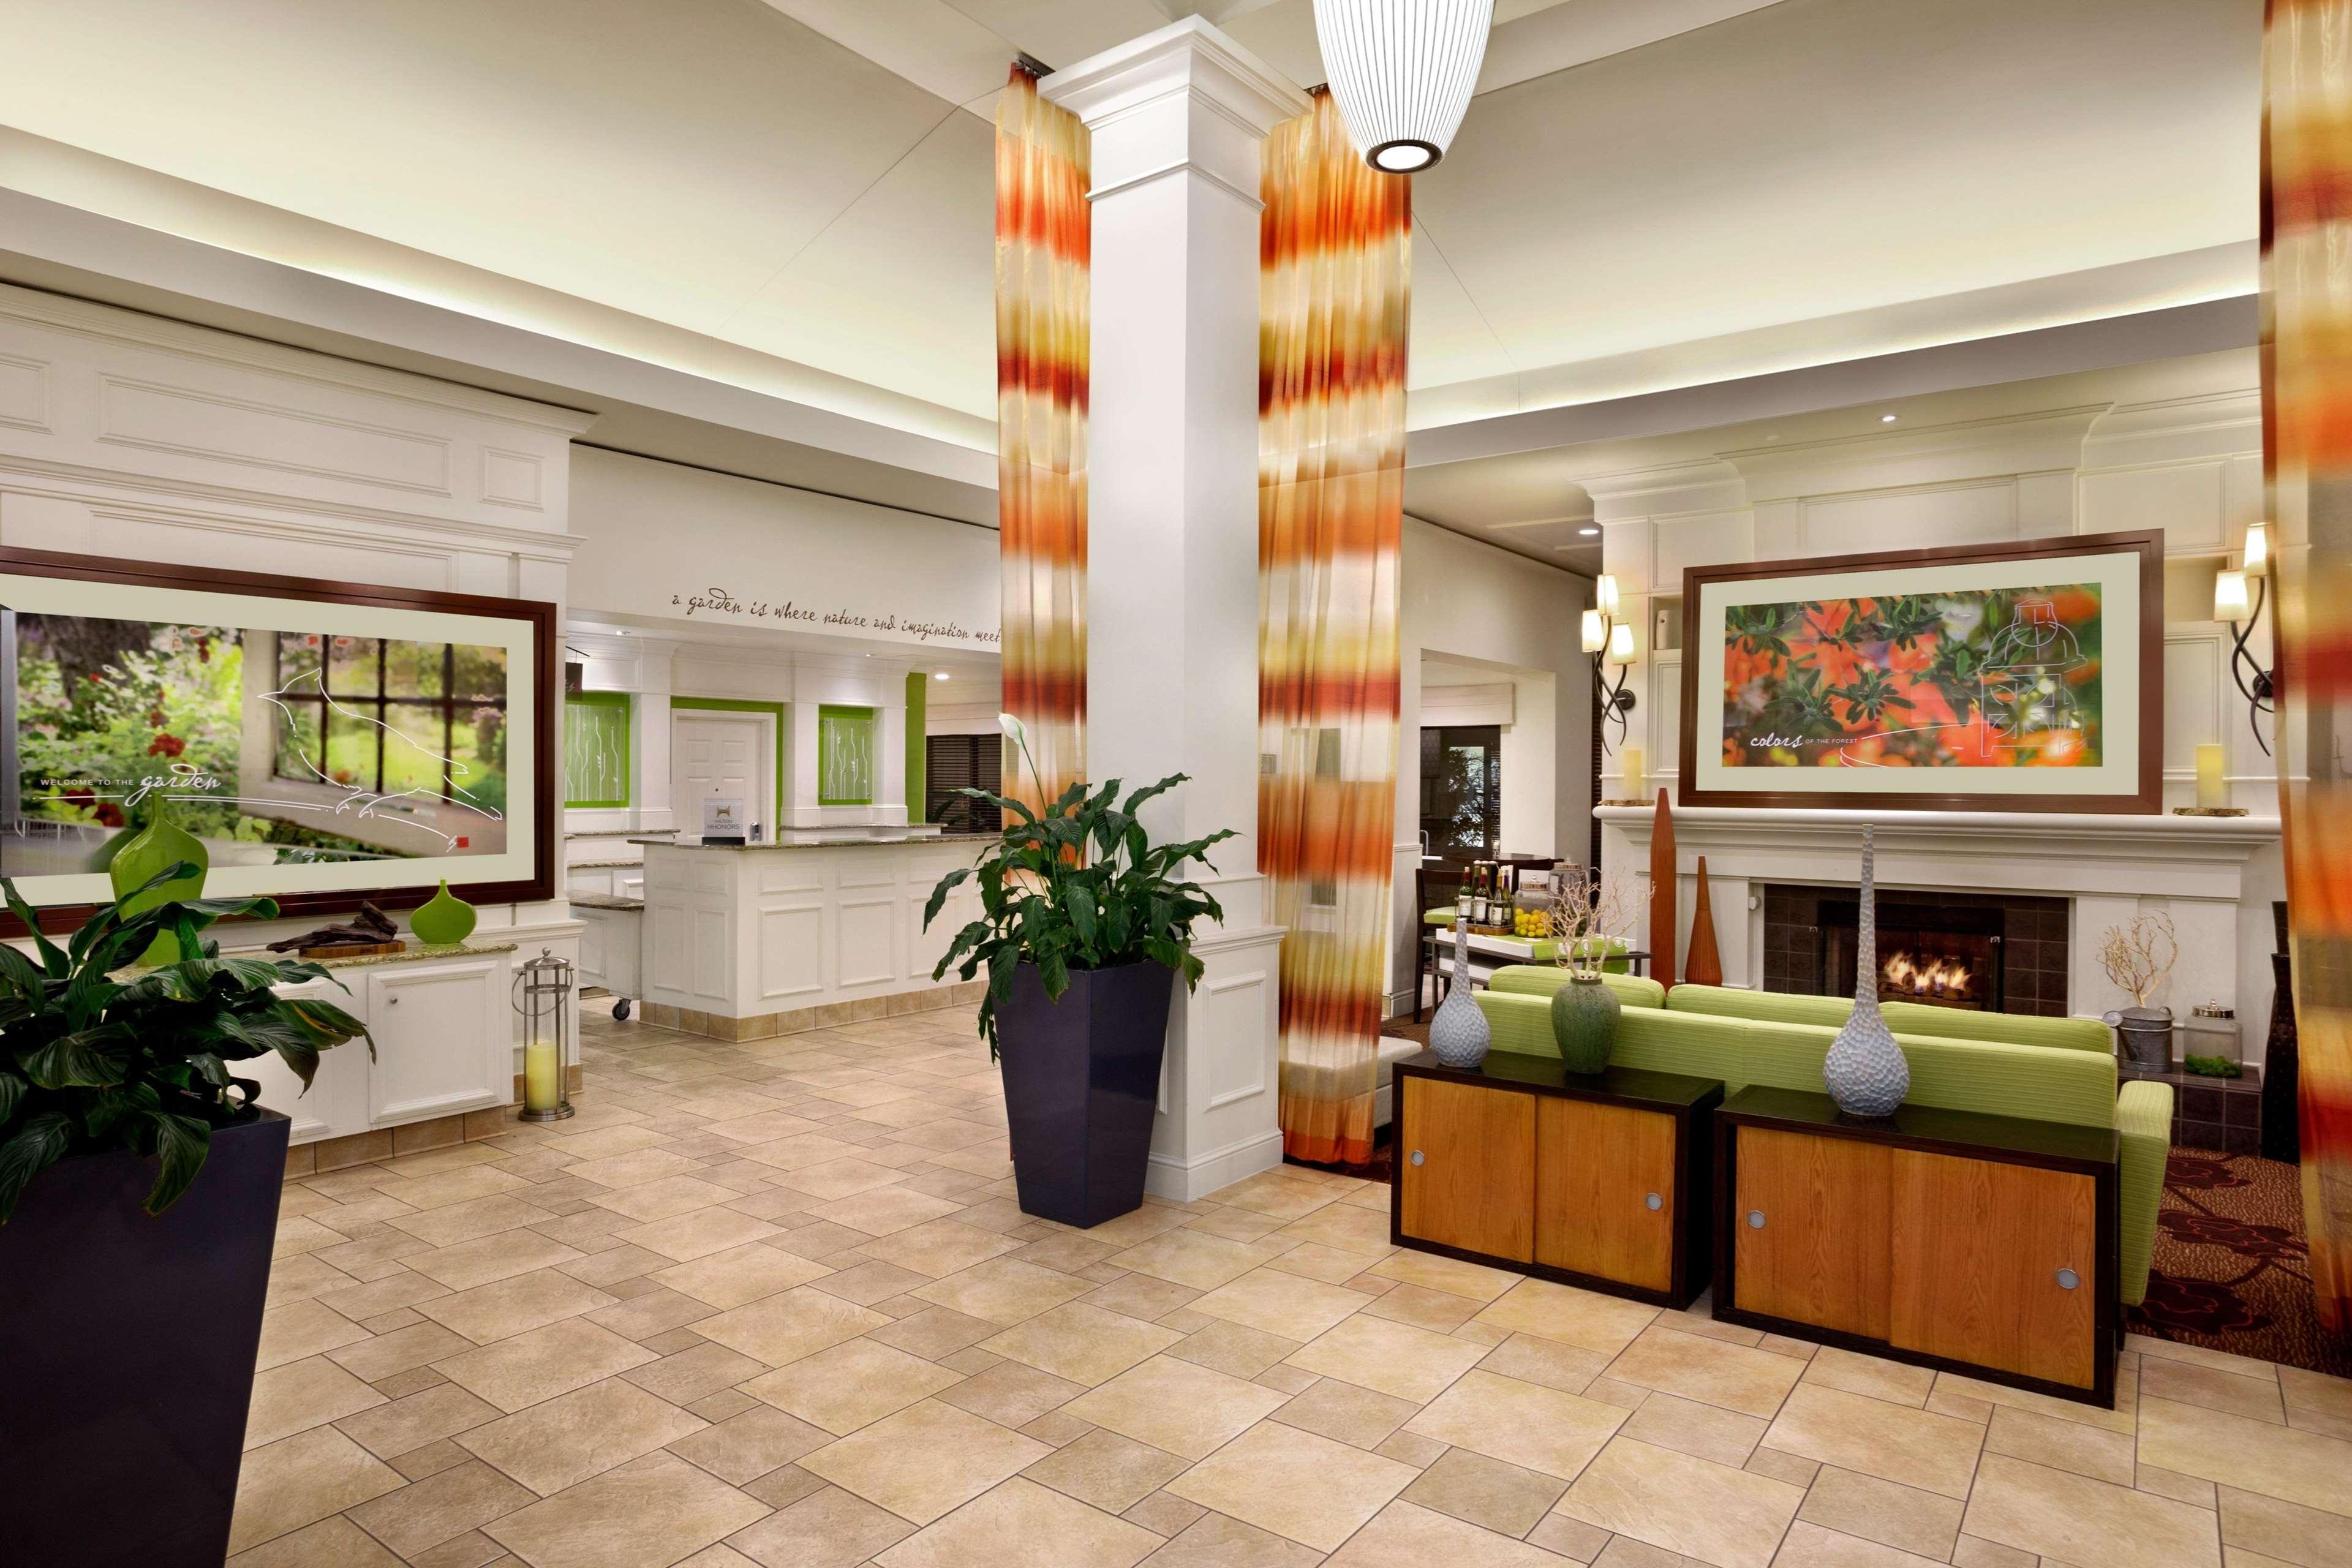 Hilton Garden Inn Atlanta Perimeter Center image 22